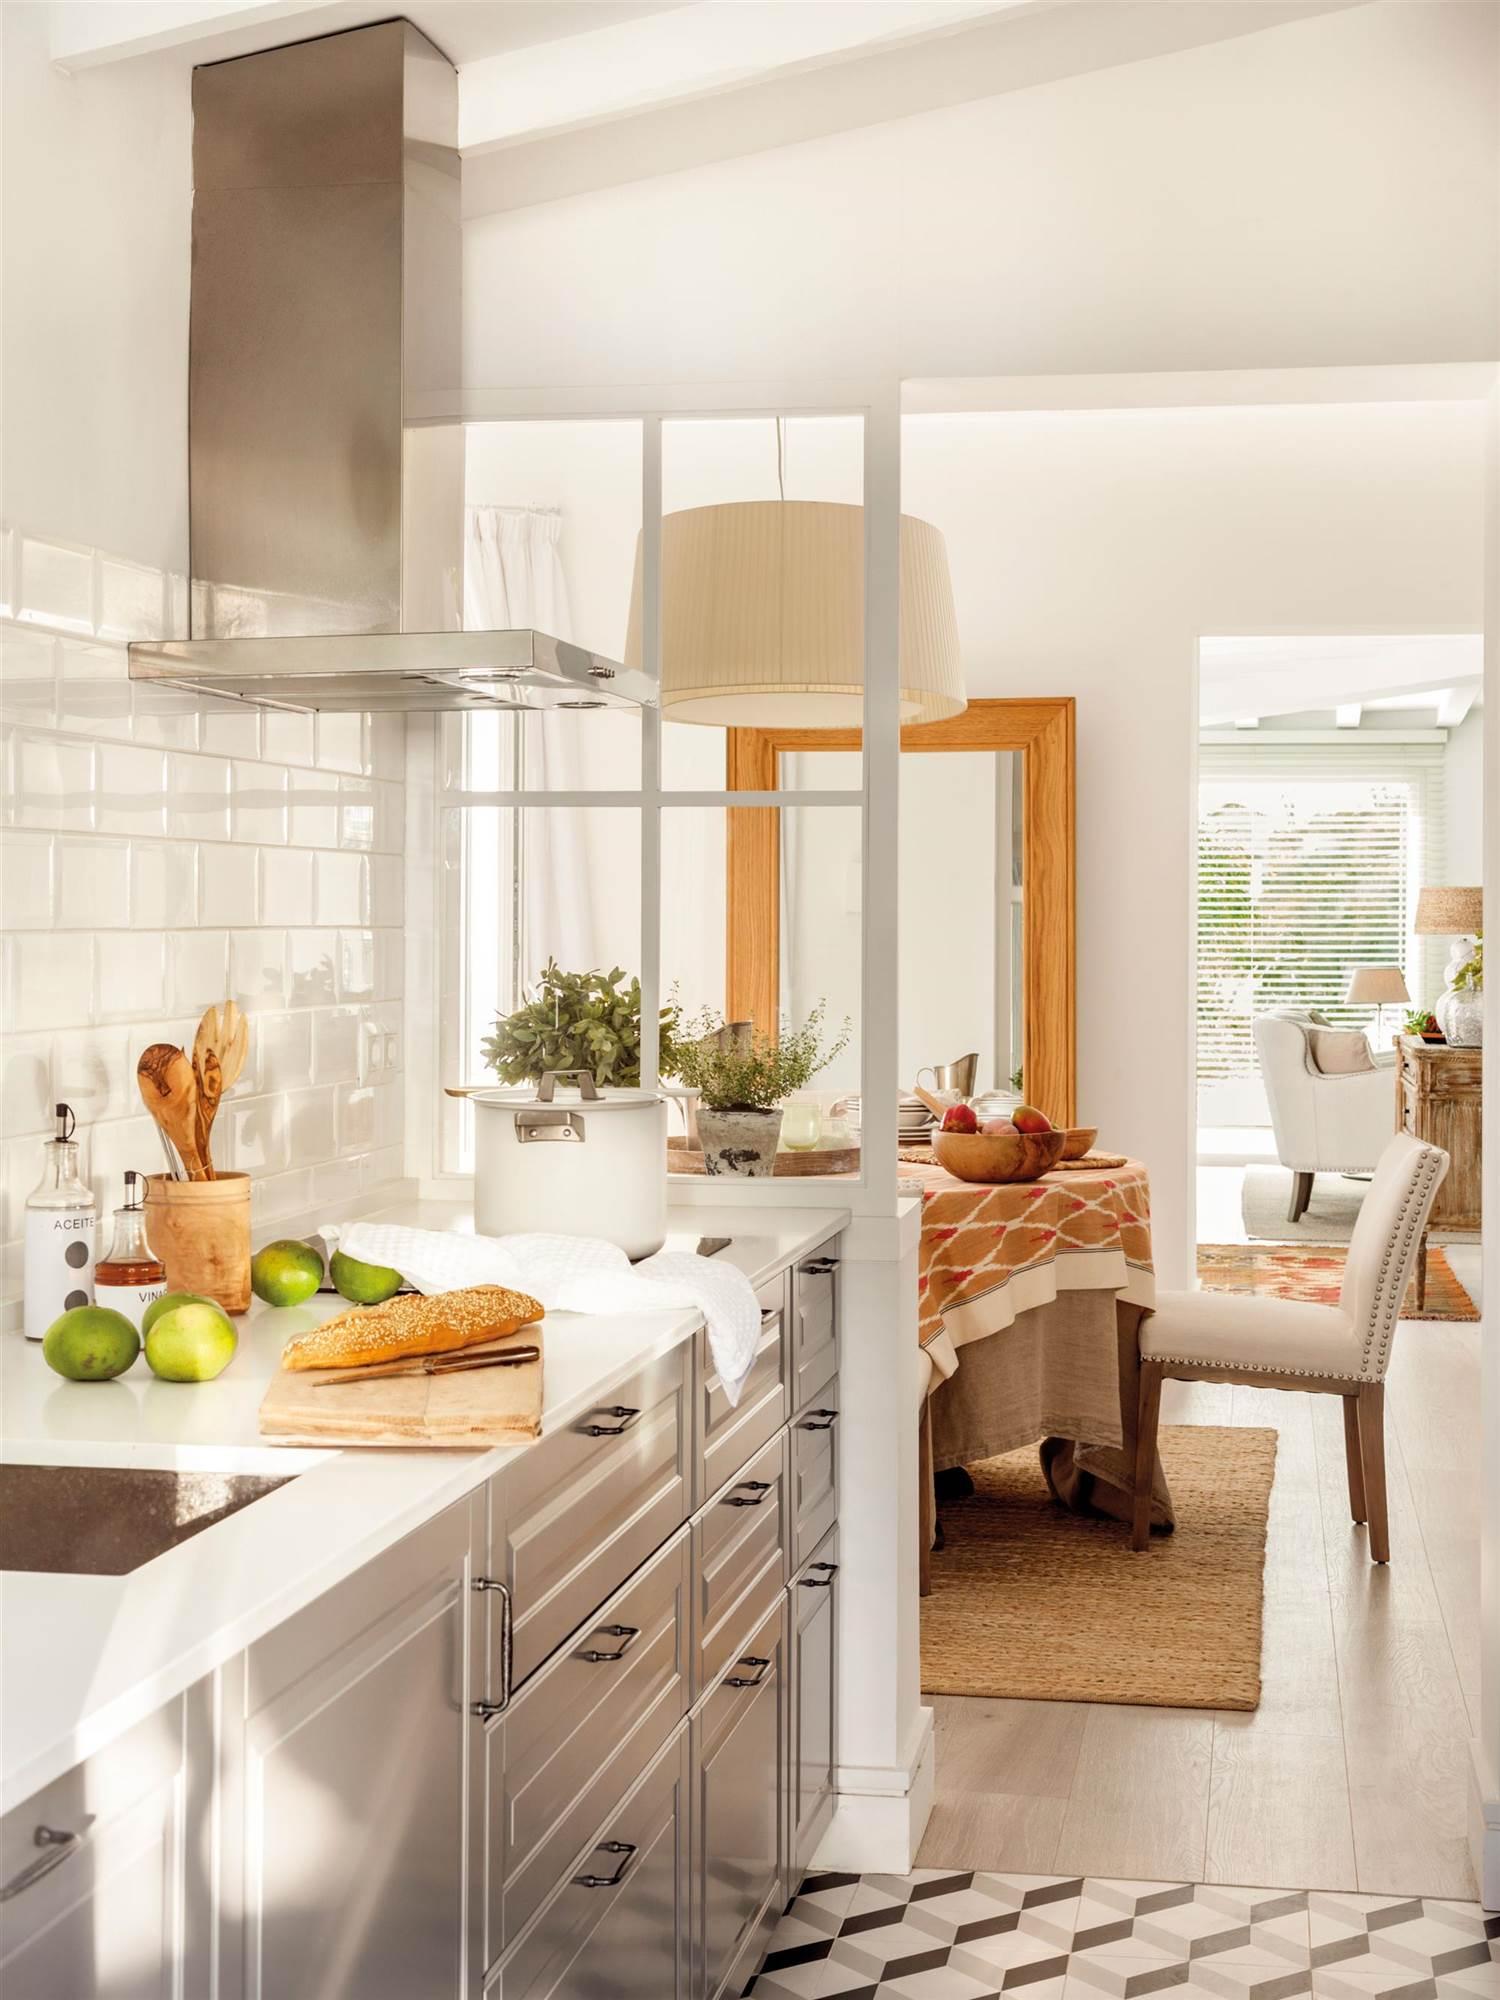 Cocina abierta o cerrada for Muebles para cocina comedor